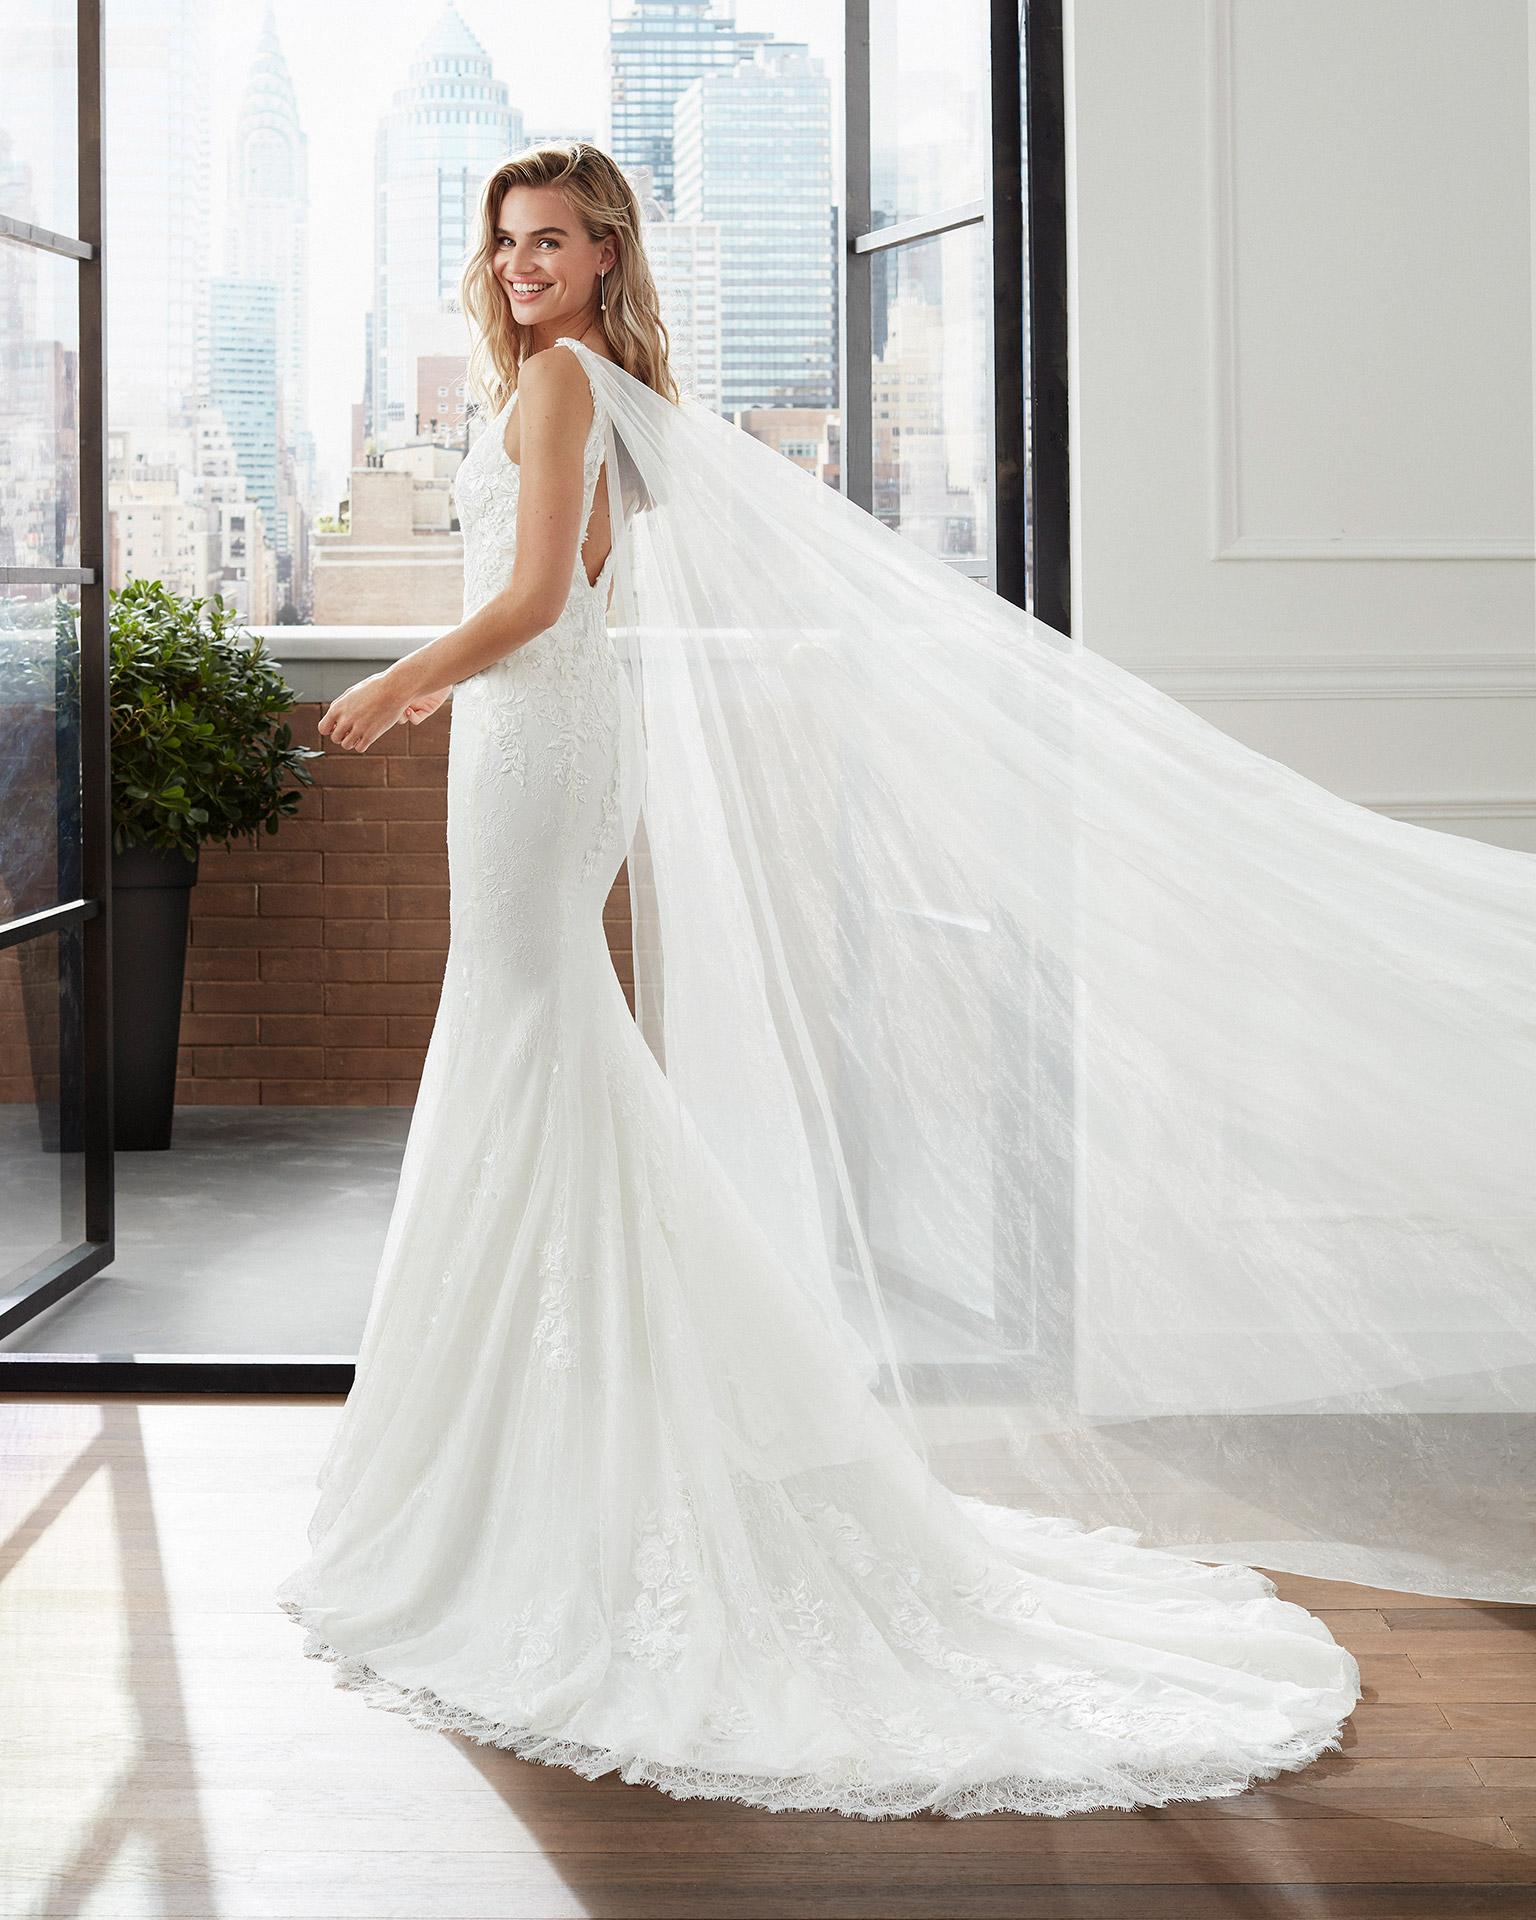 Vestido de novia corte sirena de encaje, tul y pedrería con caídas de tul y encaje con escote y espalda en V. Colección  2020.